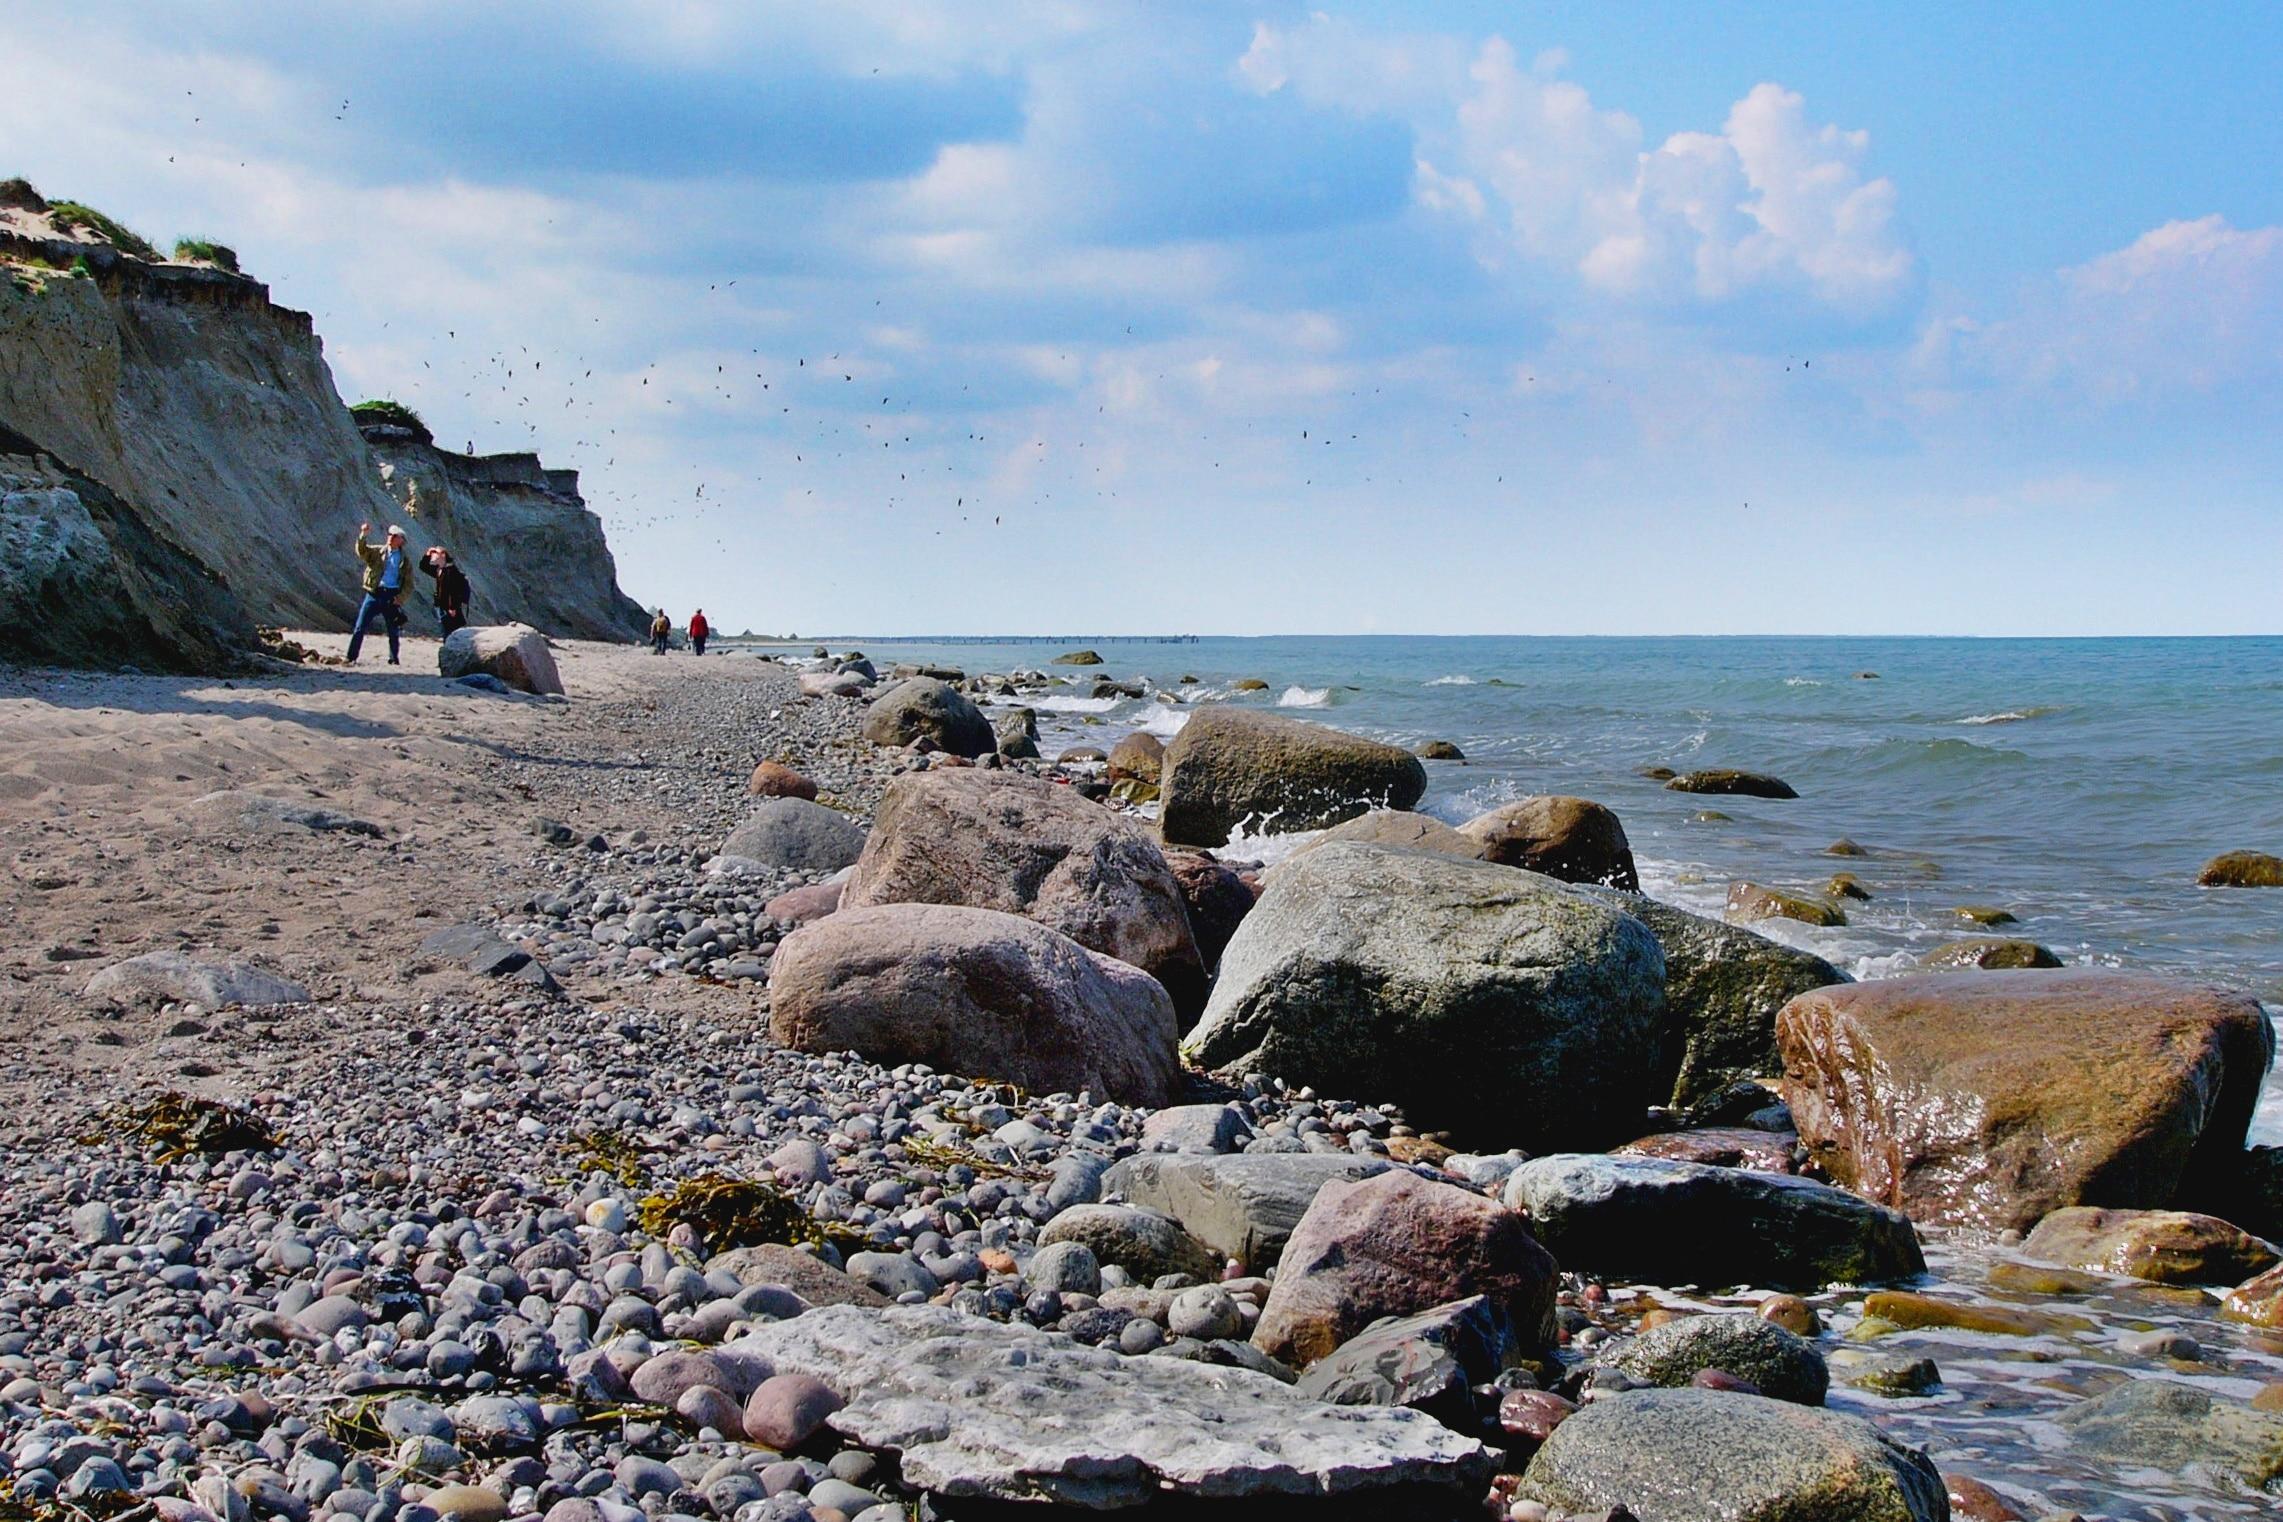 Strand Ahrenshoop, Ostseebad Ahrenshoop, Mecklenburg - Voor-Pommern, Duitsland